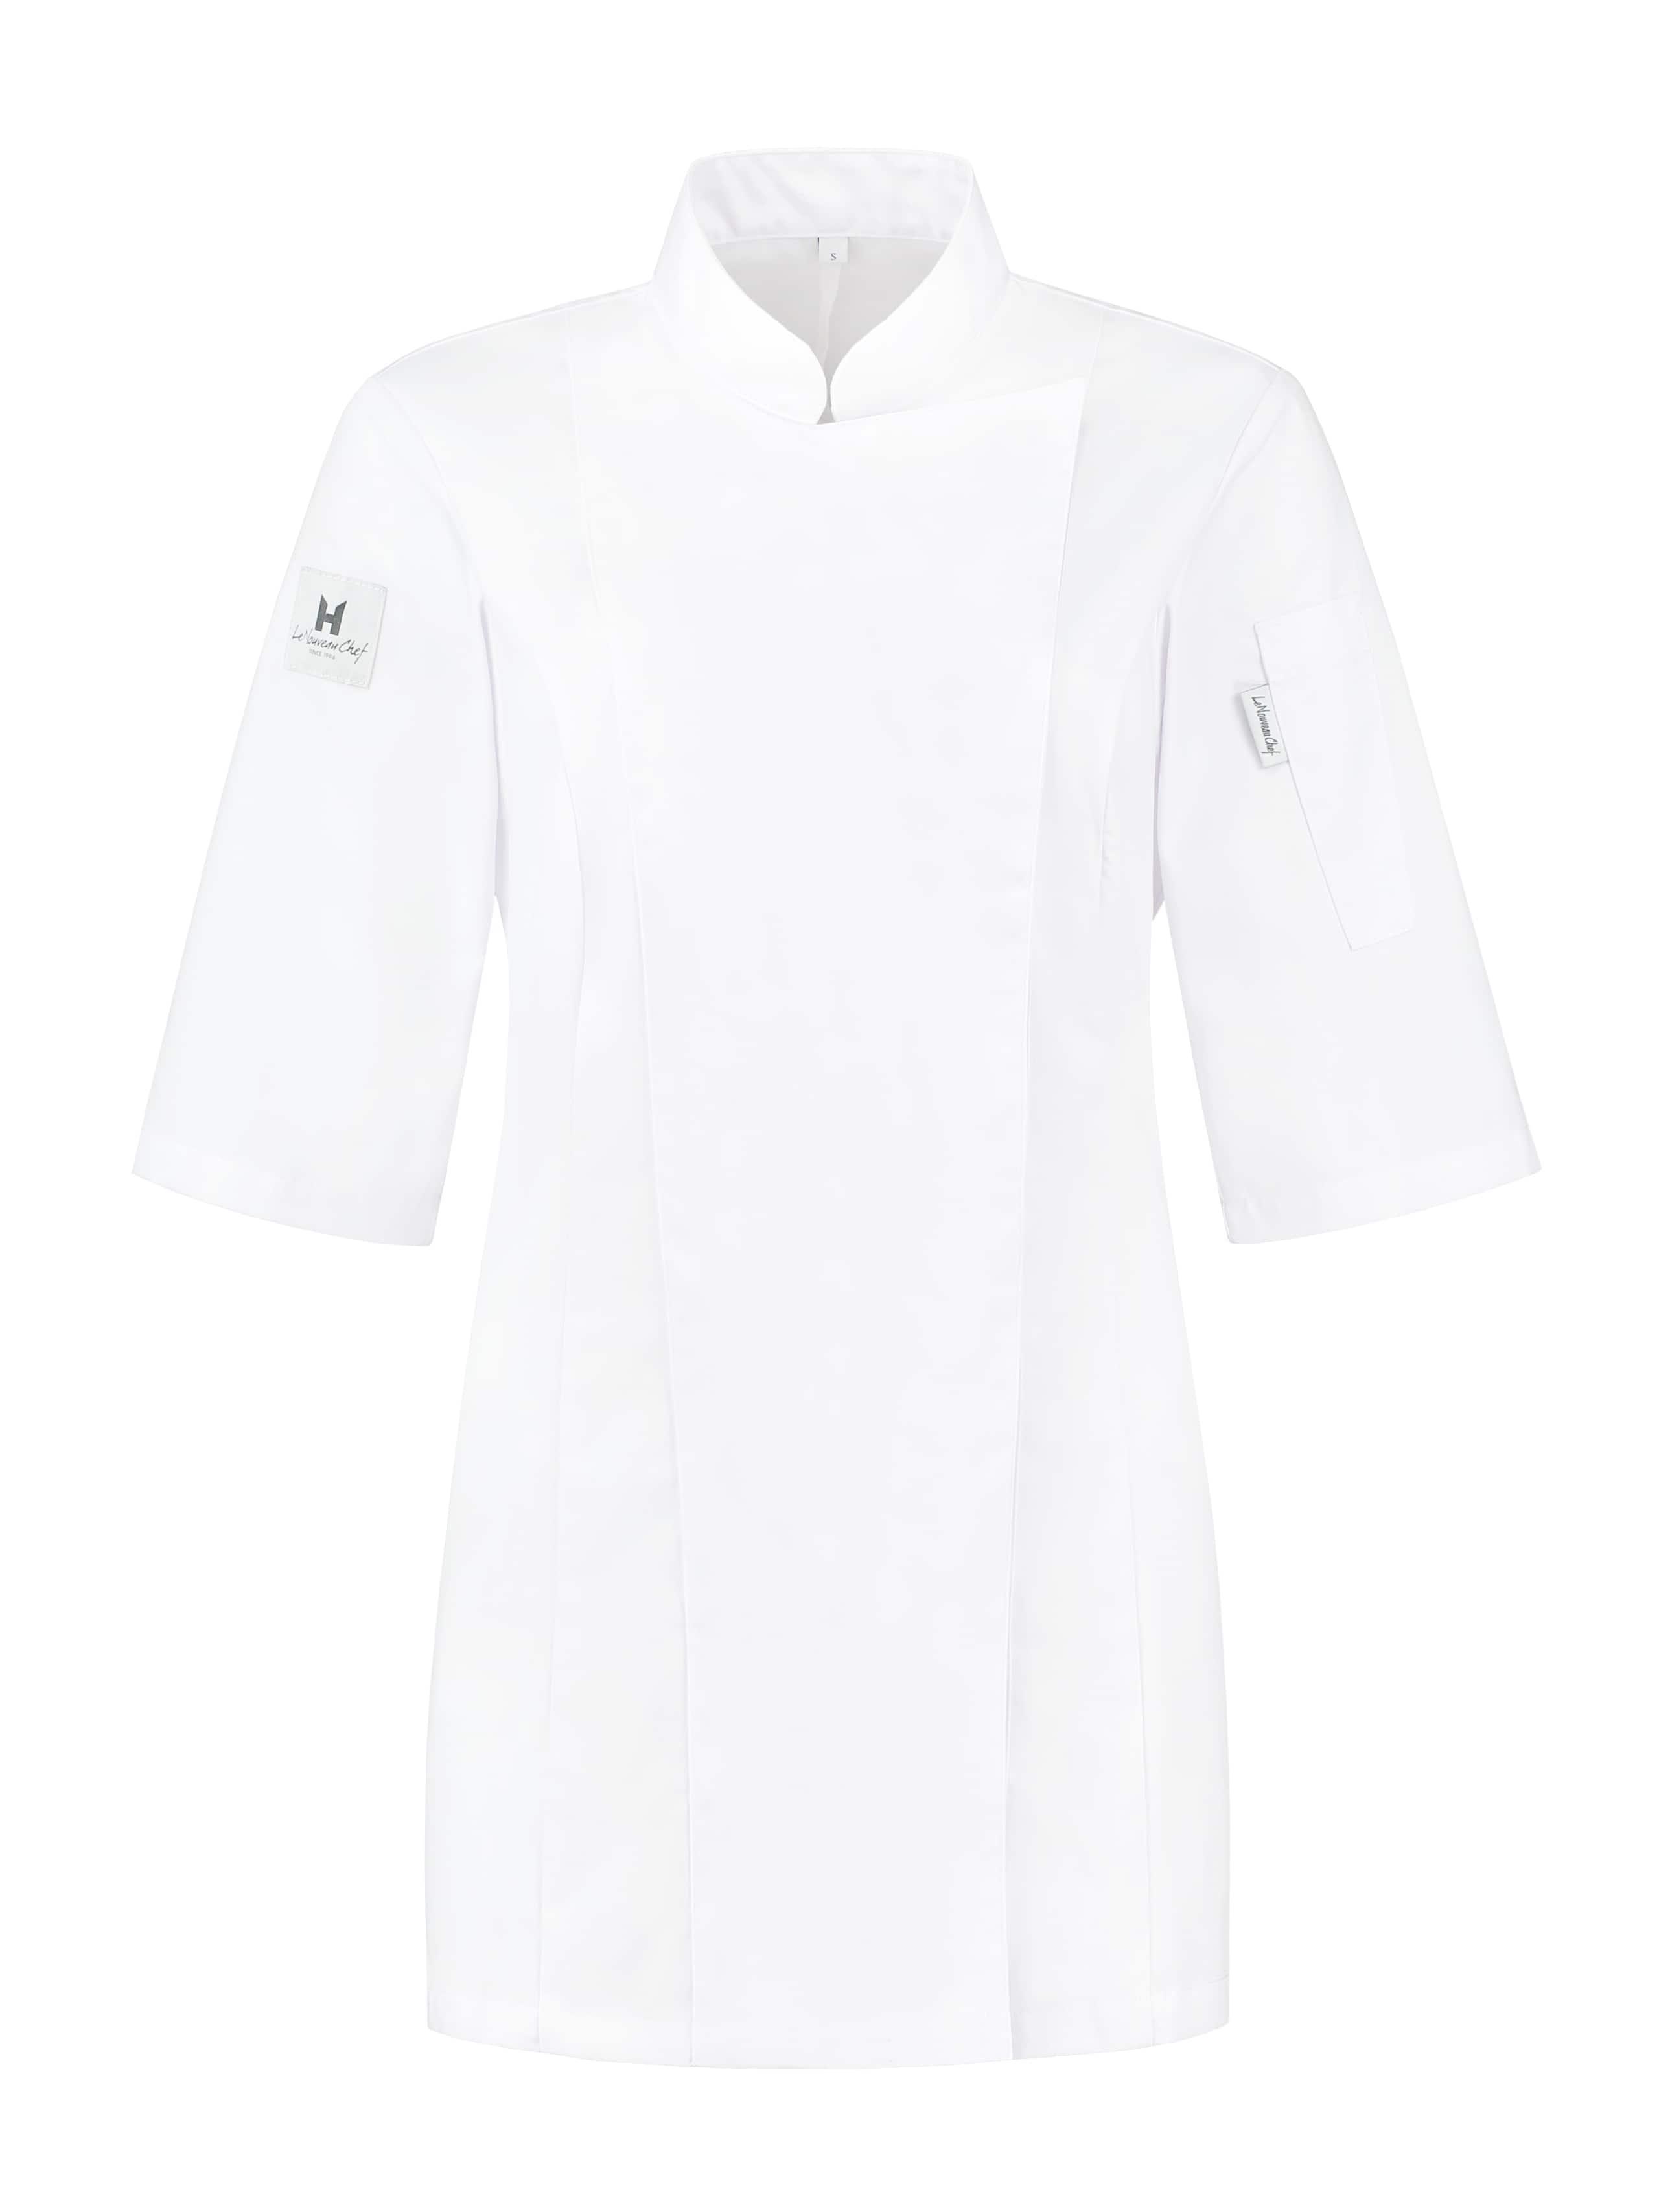 Chef Jacket Ladies Basix Short Sleeve White